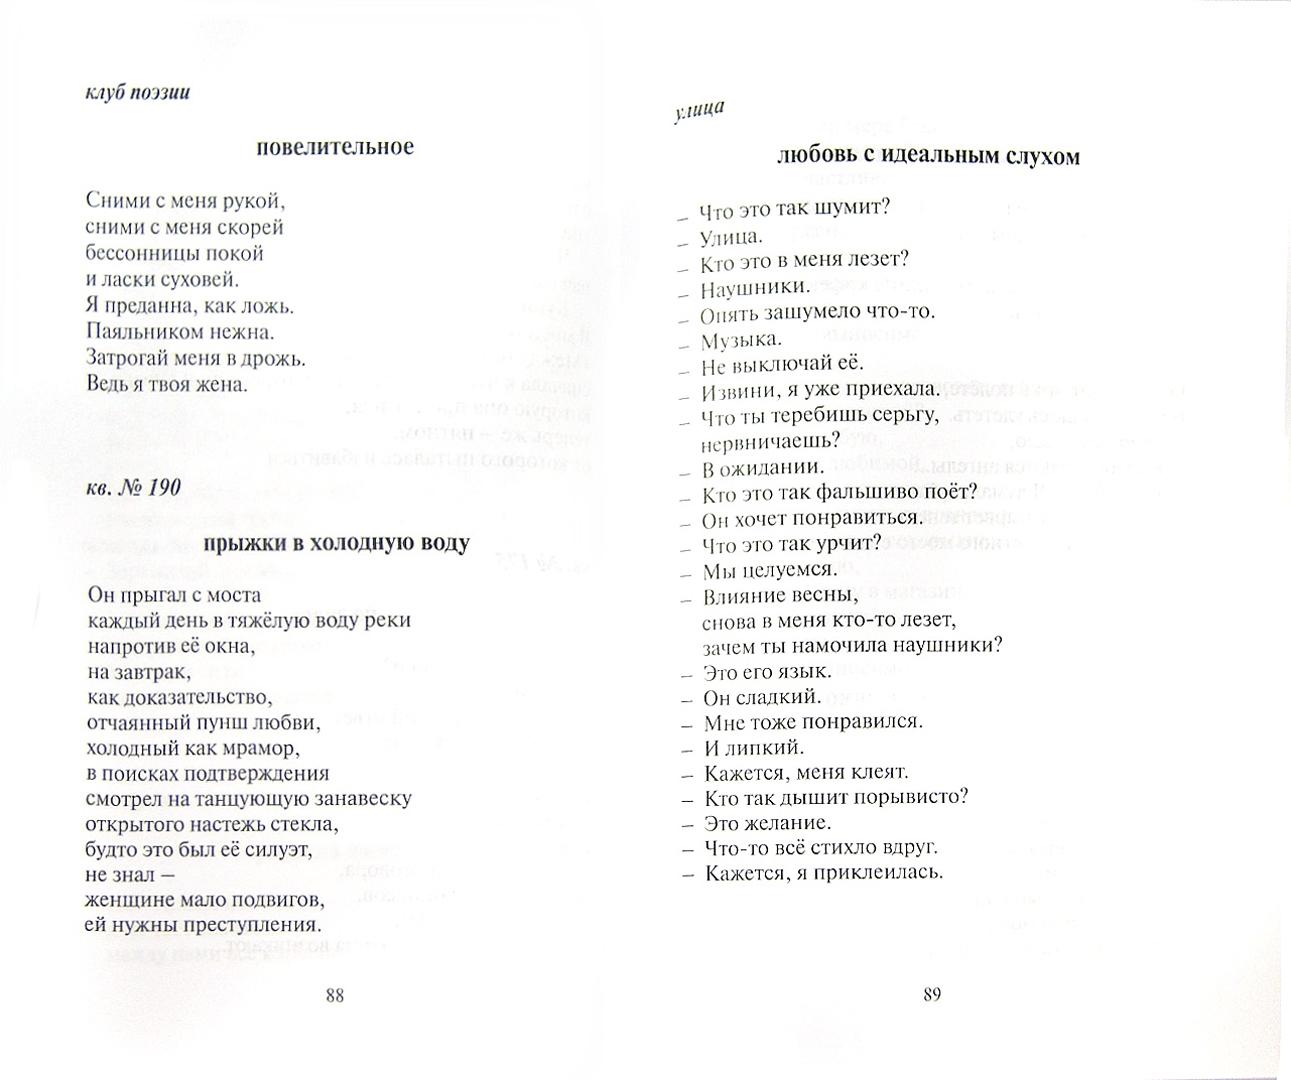 Иллюстрация 1 из 9 для Песни открытых форточек - Ринат Валиуллин | Лабиринт - книги. Источник: Лабиринт